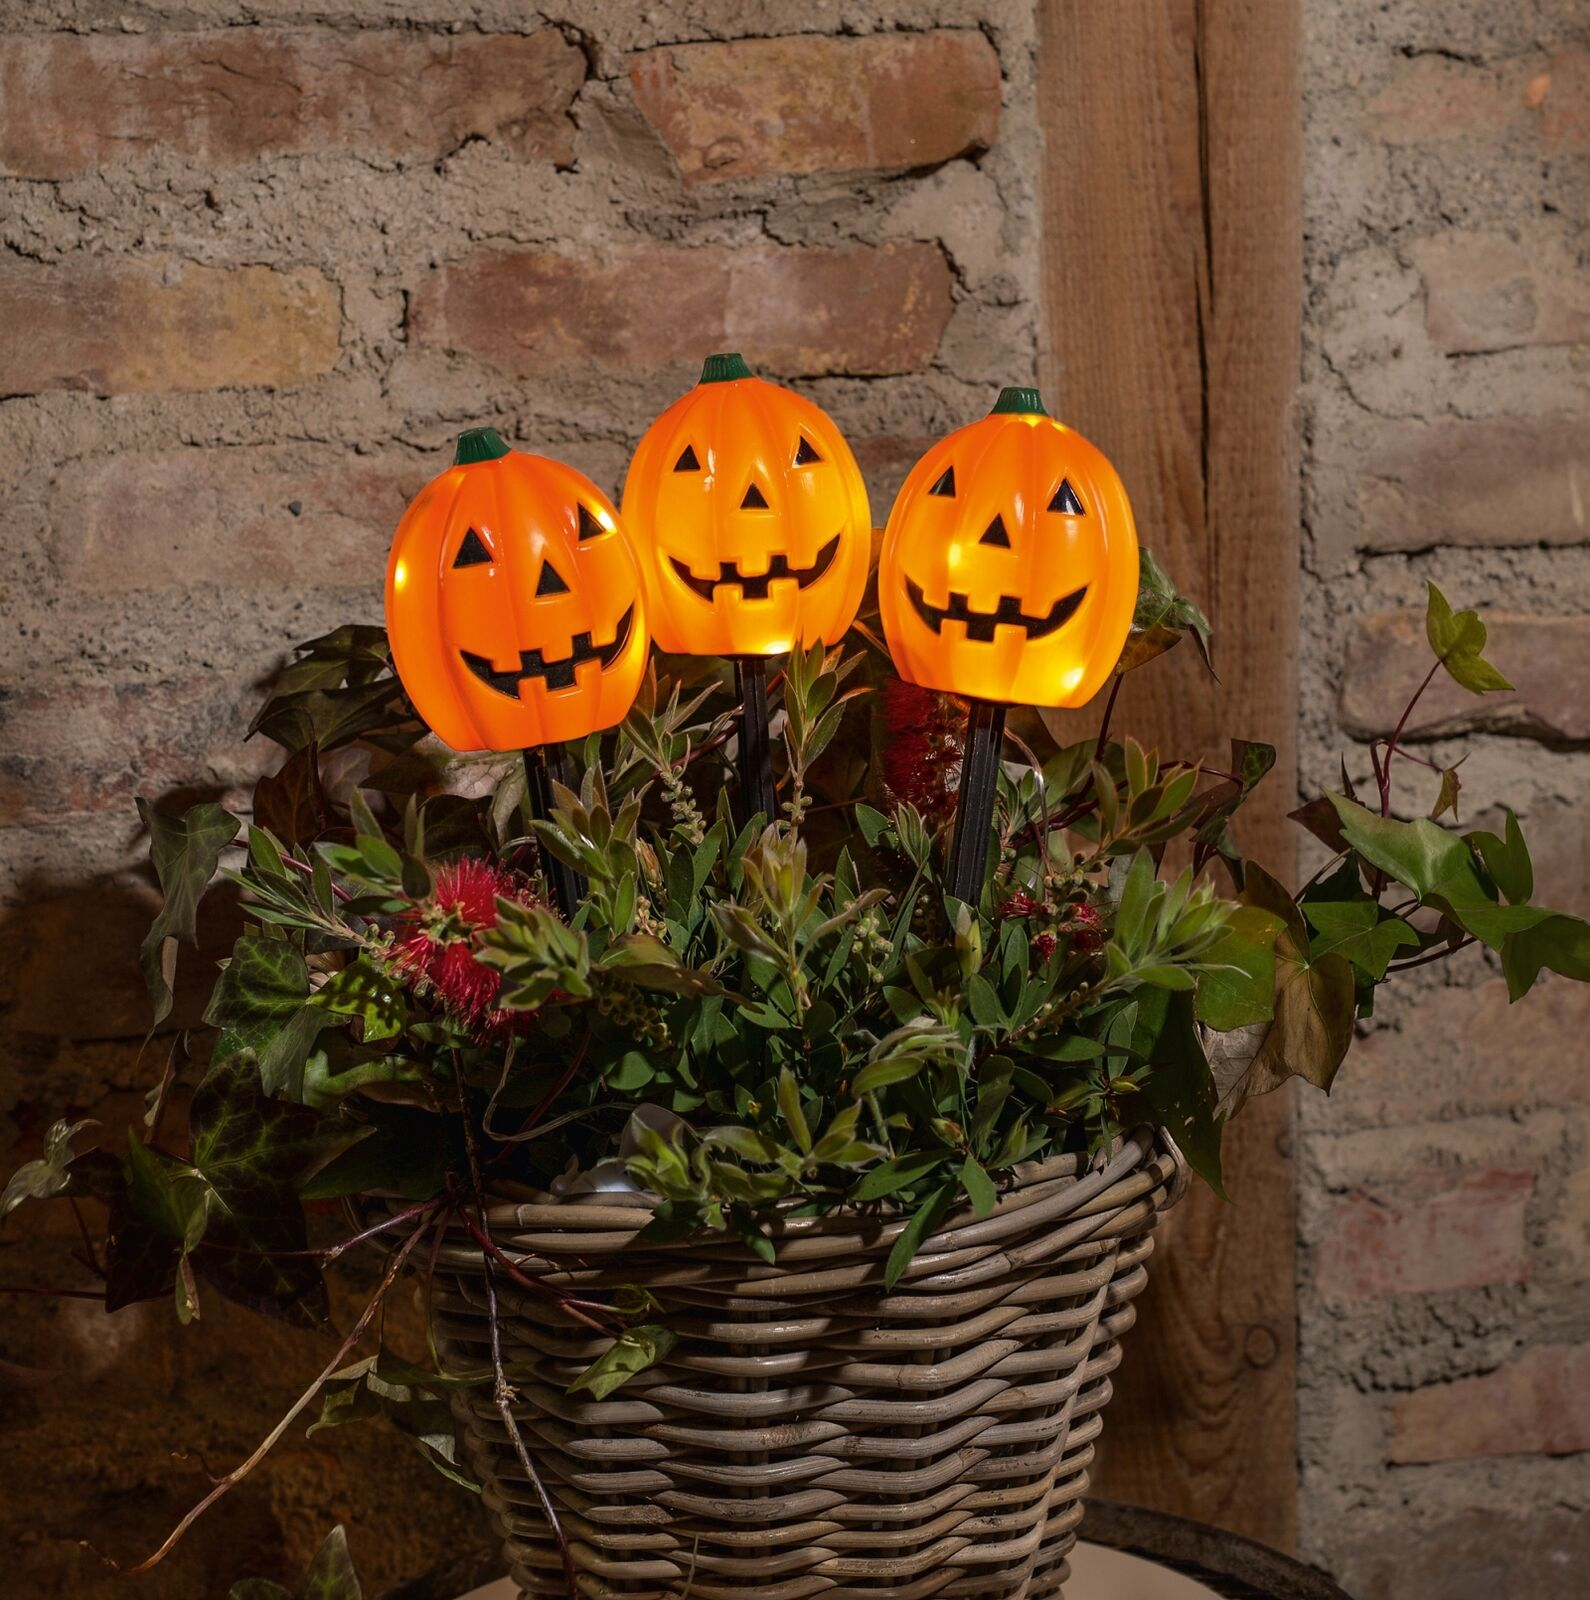 3 Led Garten Stecker Halloween Grusel Kurbis Mit Beleuchtung Beet Deko Sticker Kaufen Bei Come4buy Gmbh